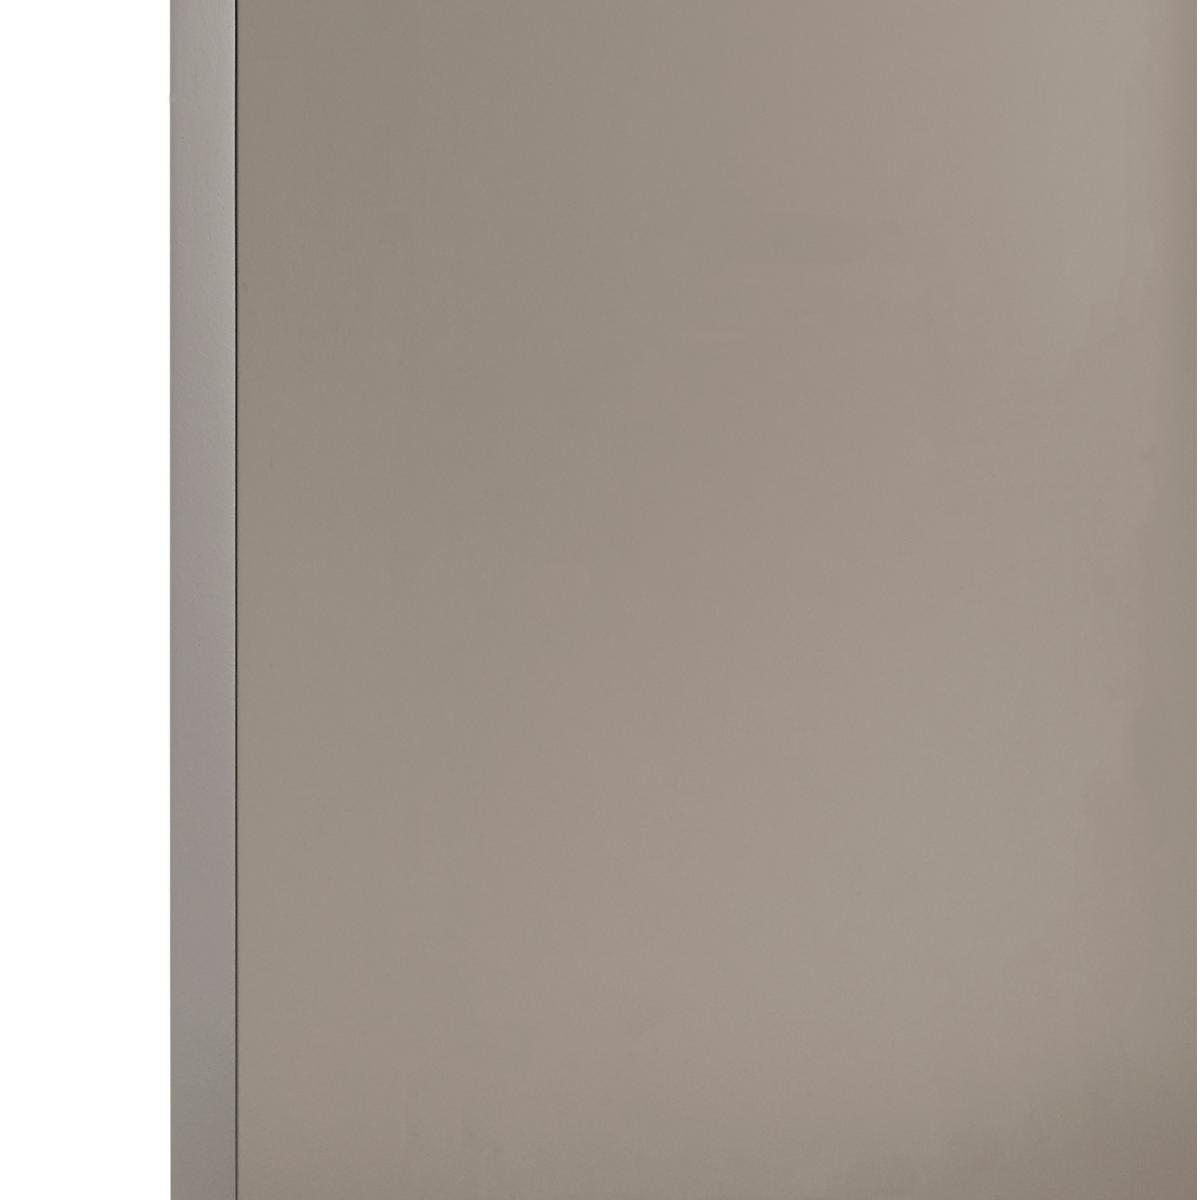 Дверь Межкомнатная Глухая С Замком В Комплекте 200x60 Эмаль Цвет Мускат